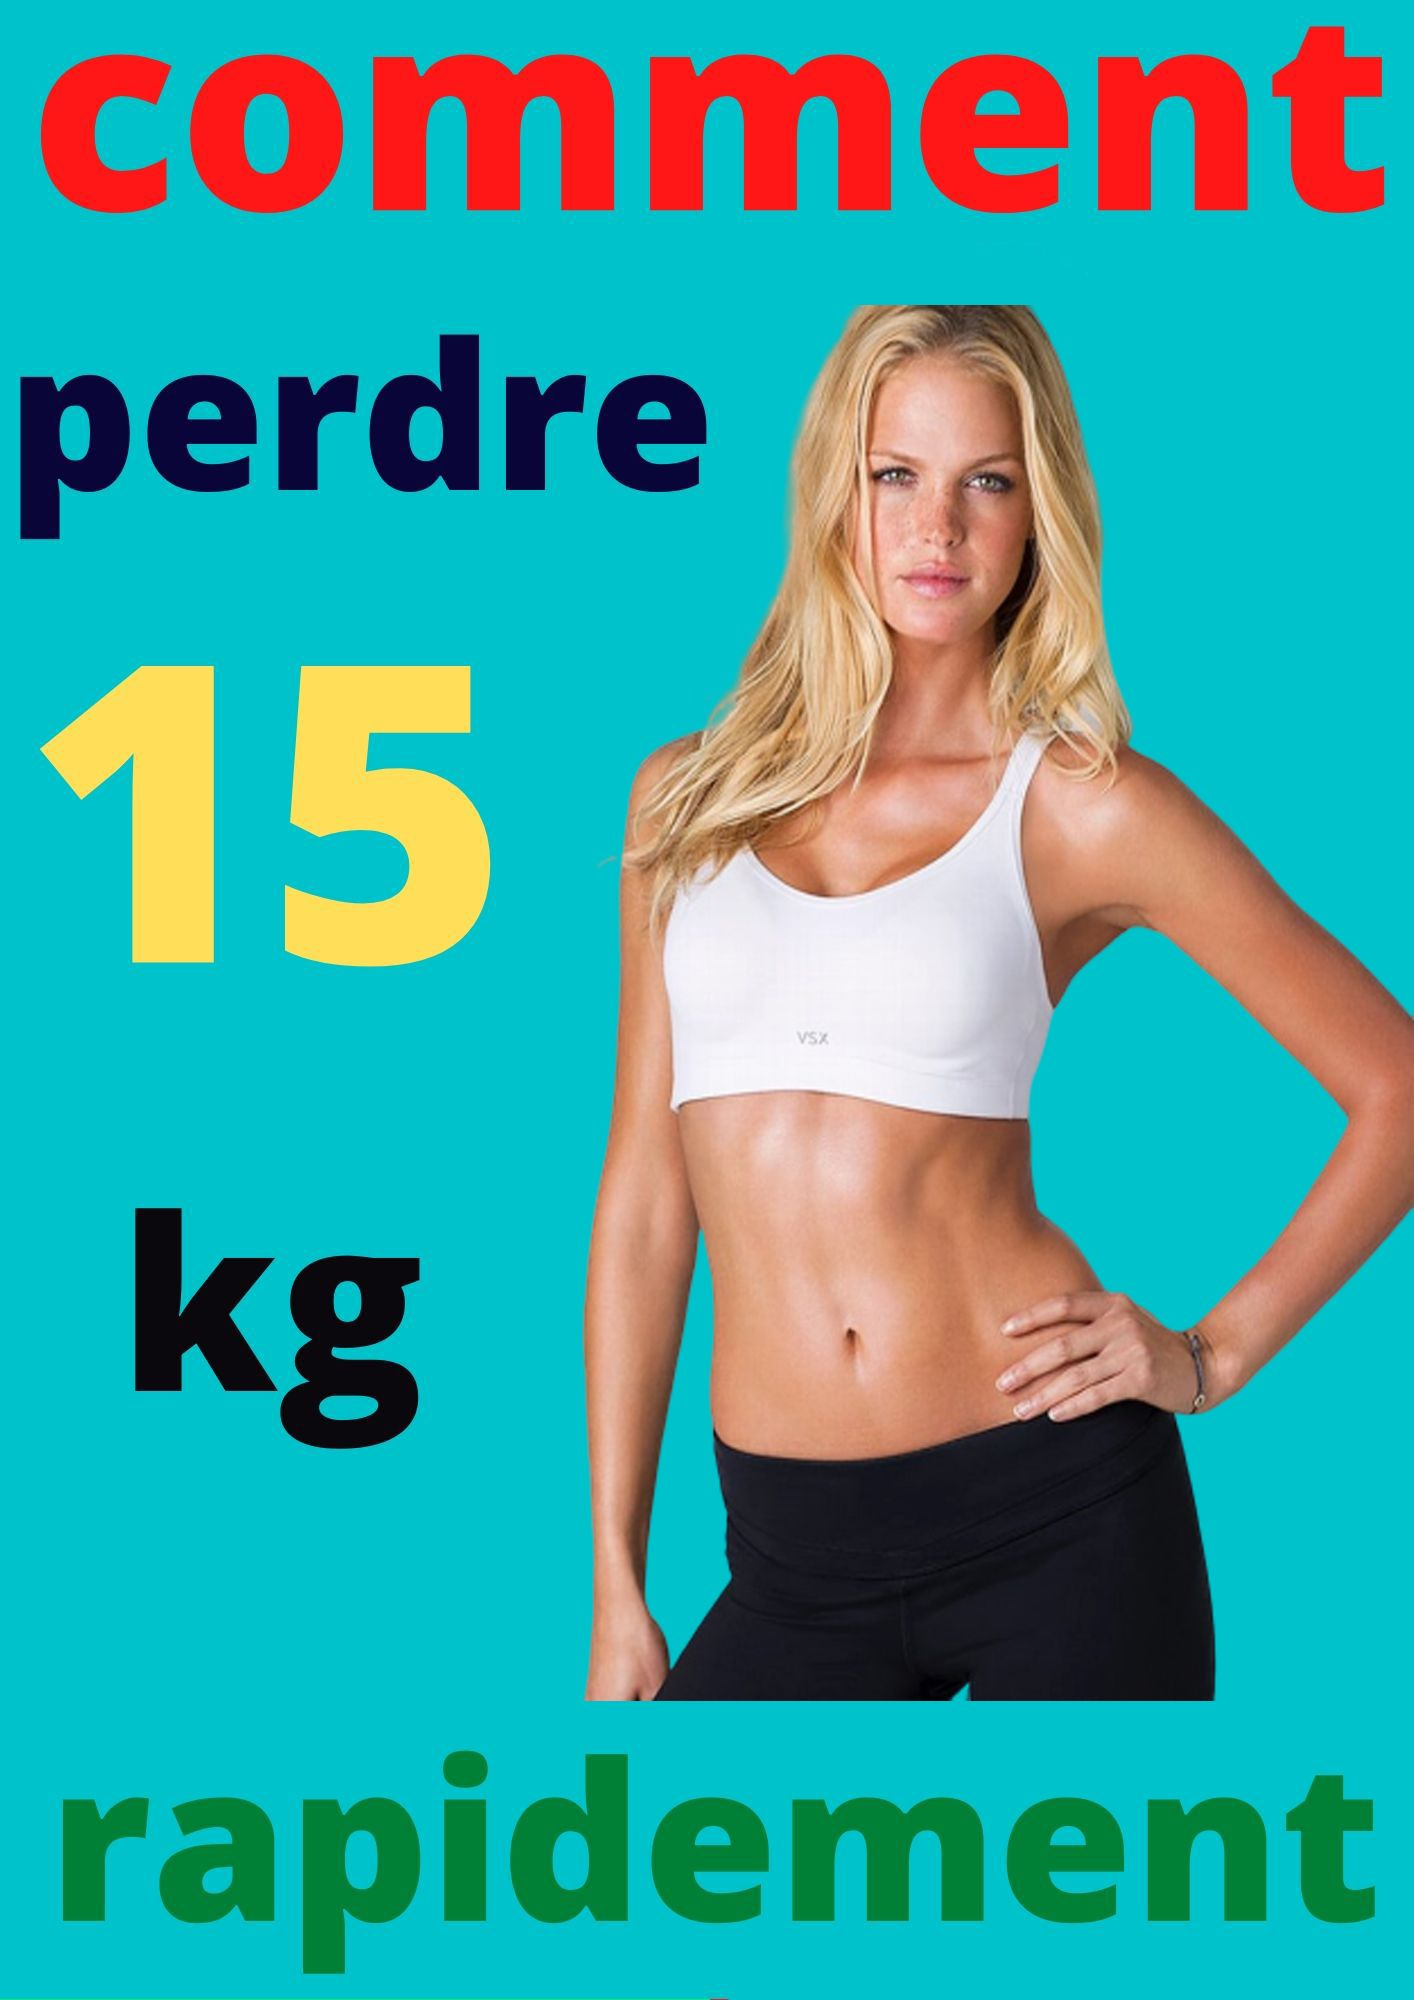 Obésité : 9 conseils pour commencer à maigrir - CalculerSonIMC